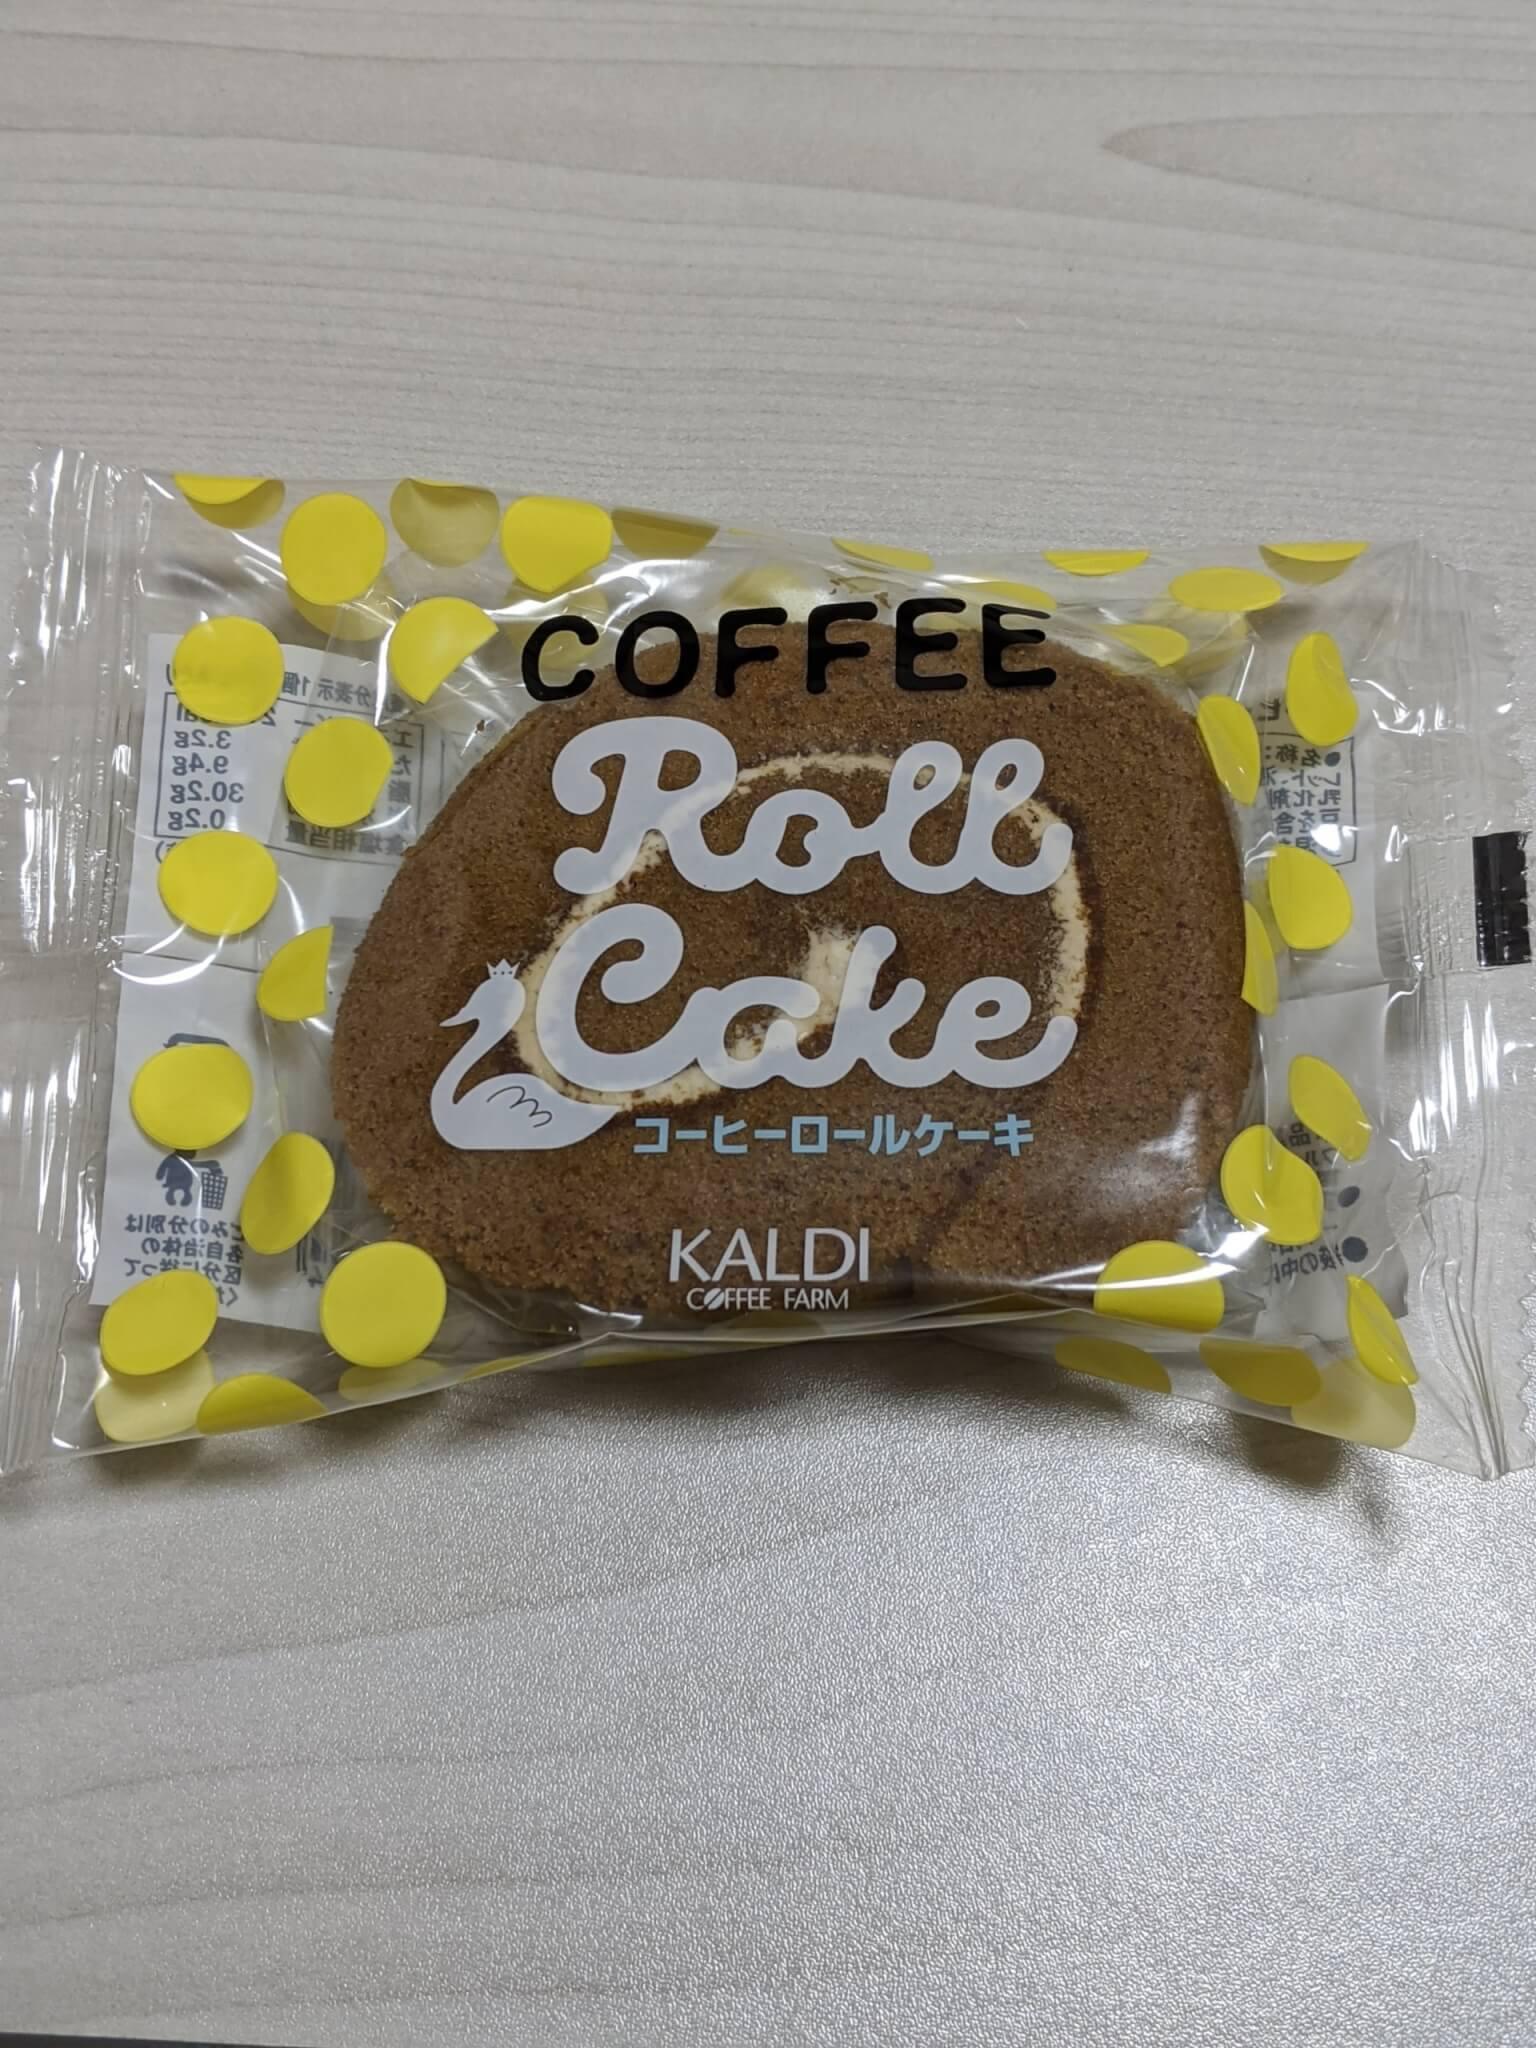 カルディのコーヒーロールケーキ